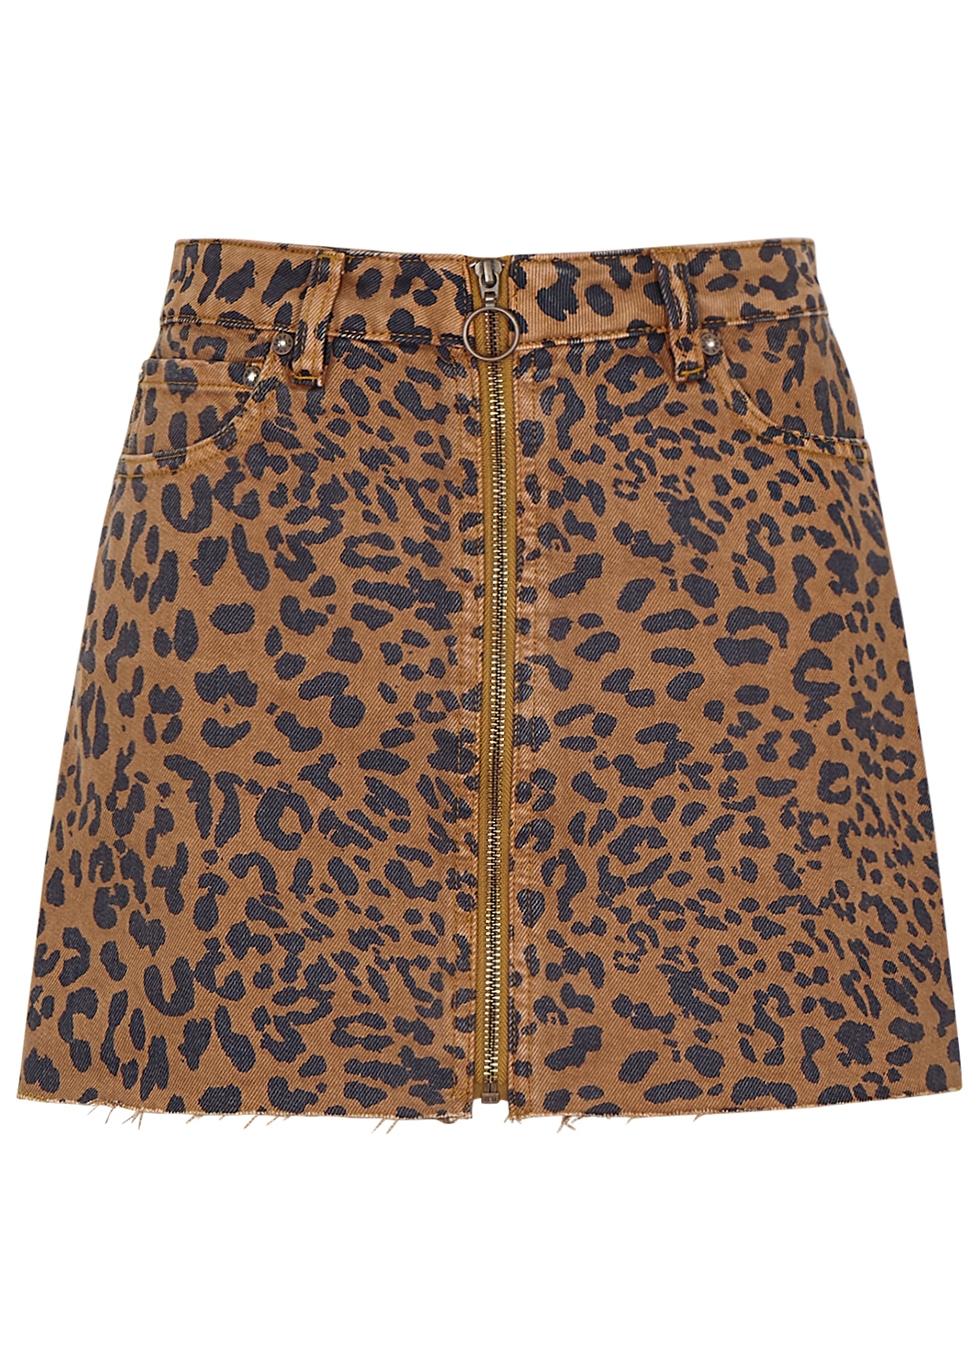 Zip It Up leopard-print denim mini skirt - Free People